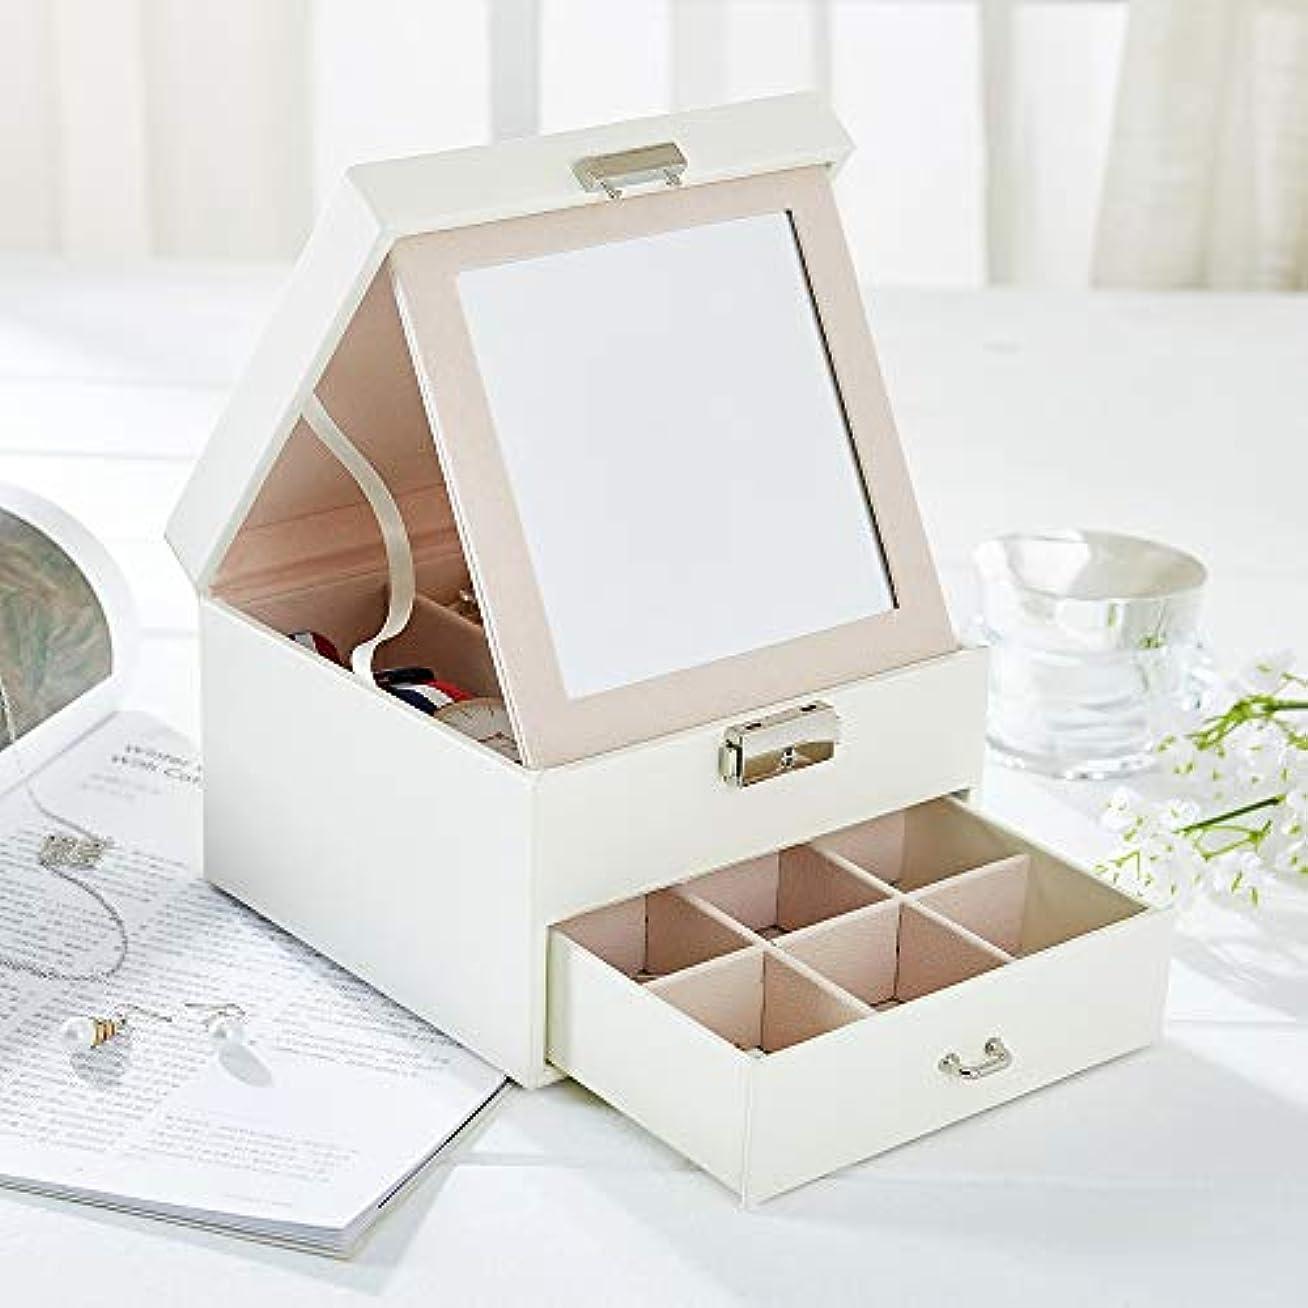 裸望む全国Diolan ジュエリー収納ケース ジュエリーボックス ミラー付き 2段収納 イヤリング 指輪 腕時計などを収納できる (ホワイト)